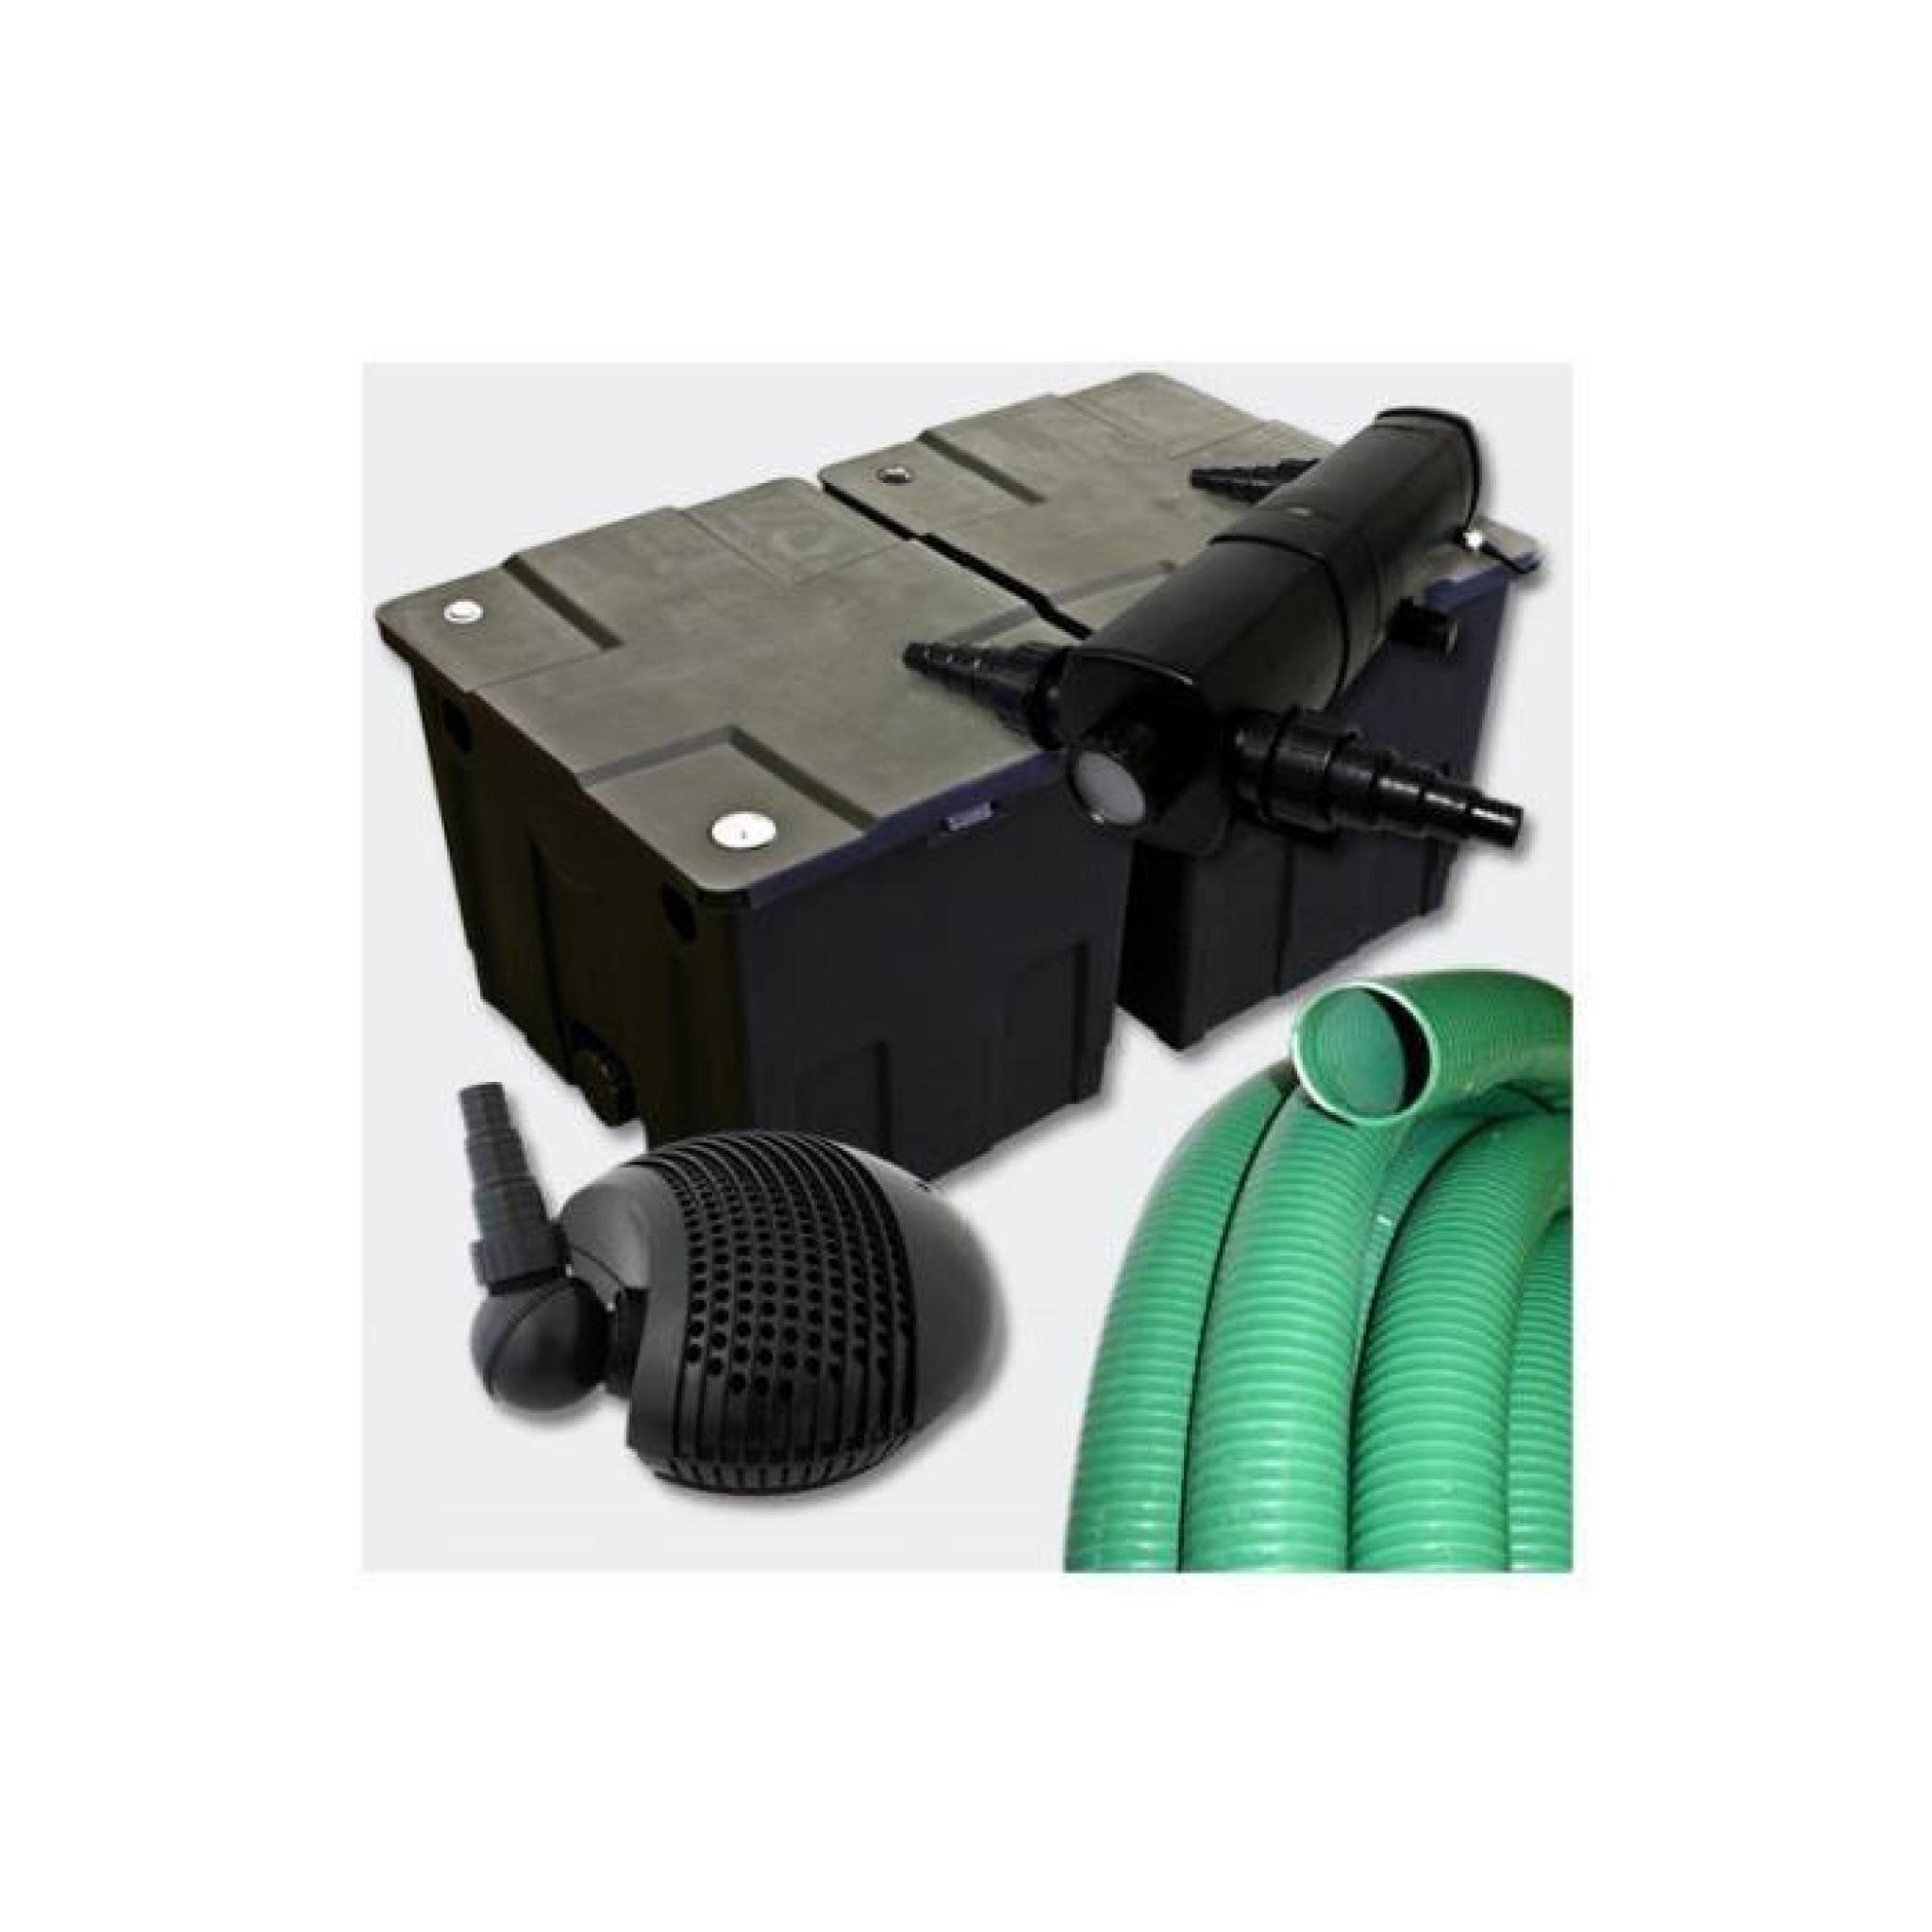 kit de filtration complet avec uv pour bassin de jardin 8 10 m achat vente bassin de. Black Bedroom Furniture Sets. Home Design Ideas